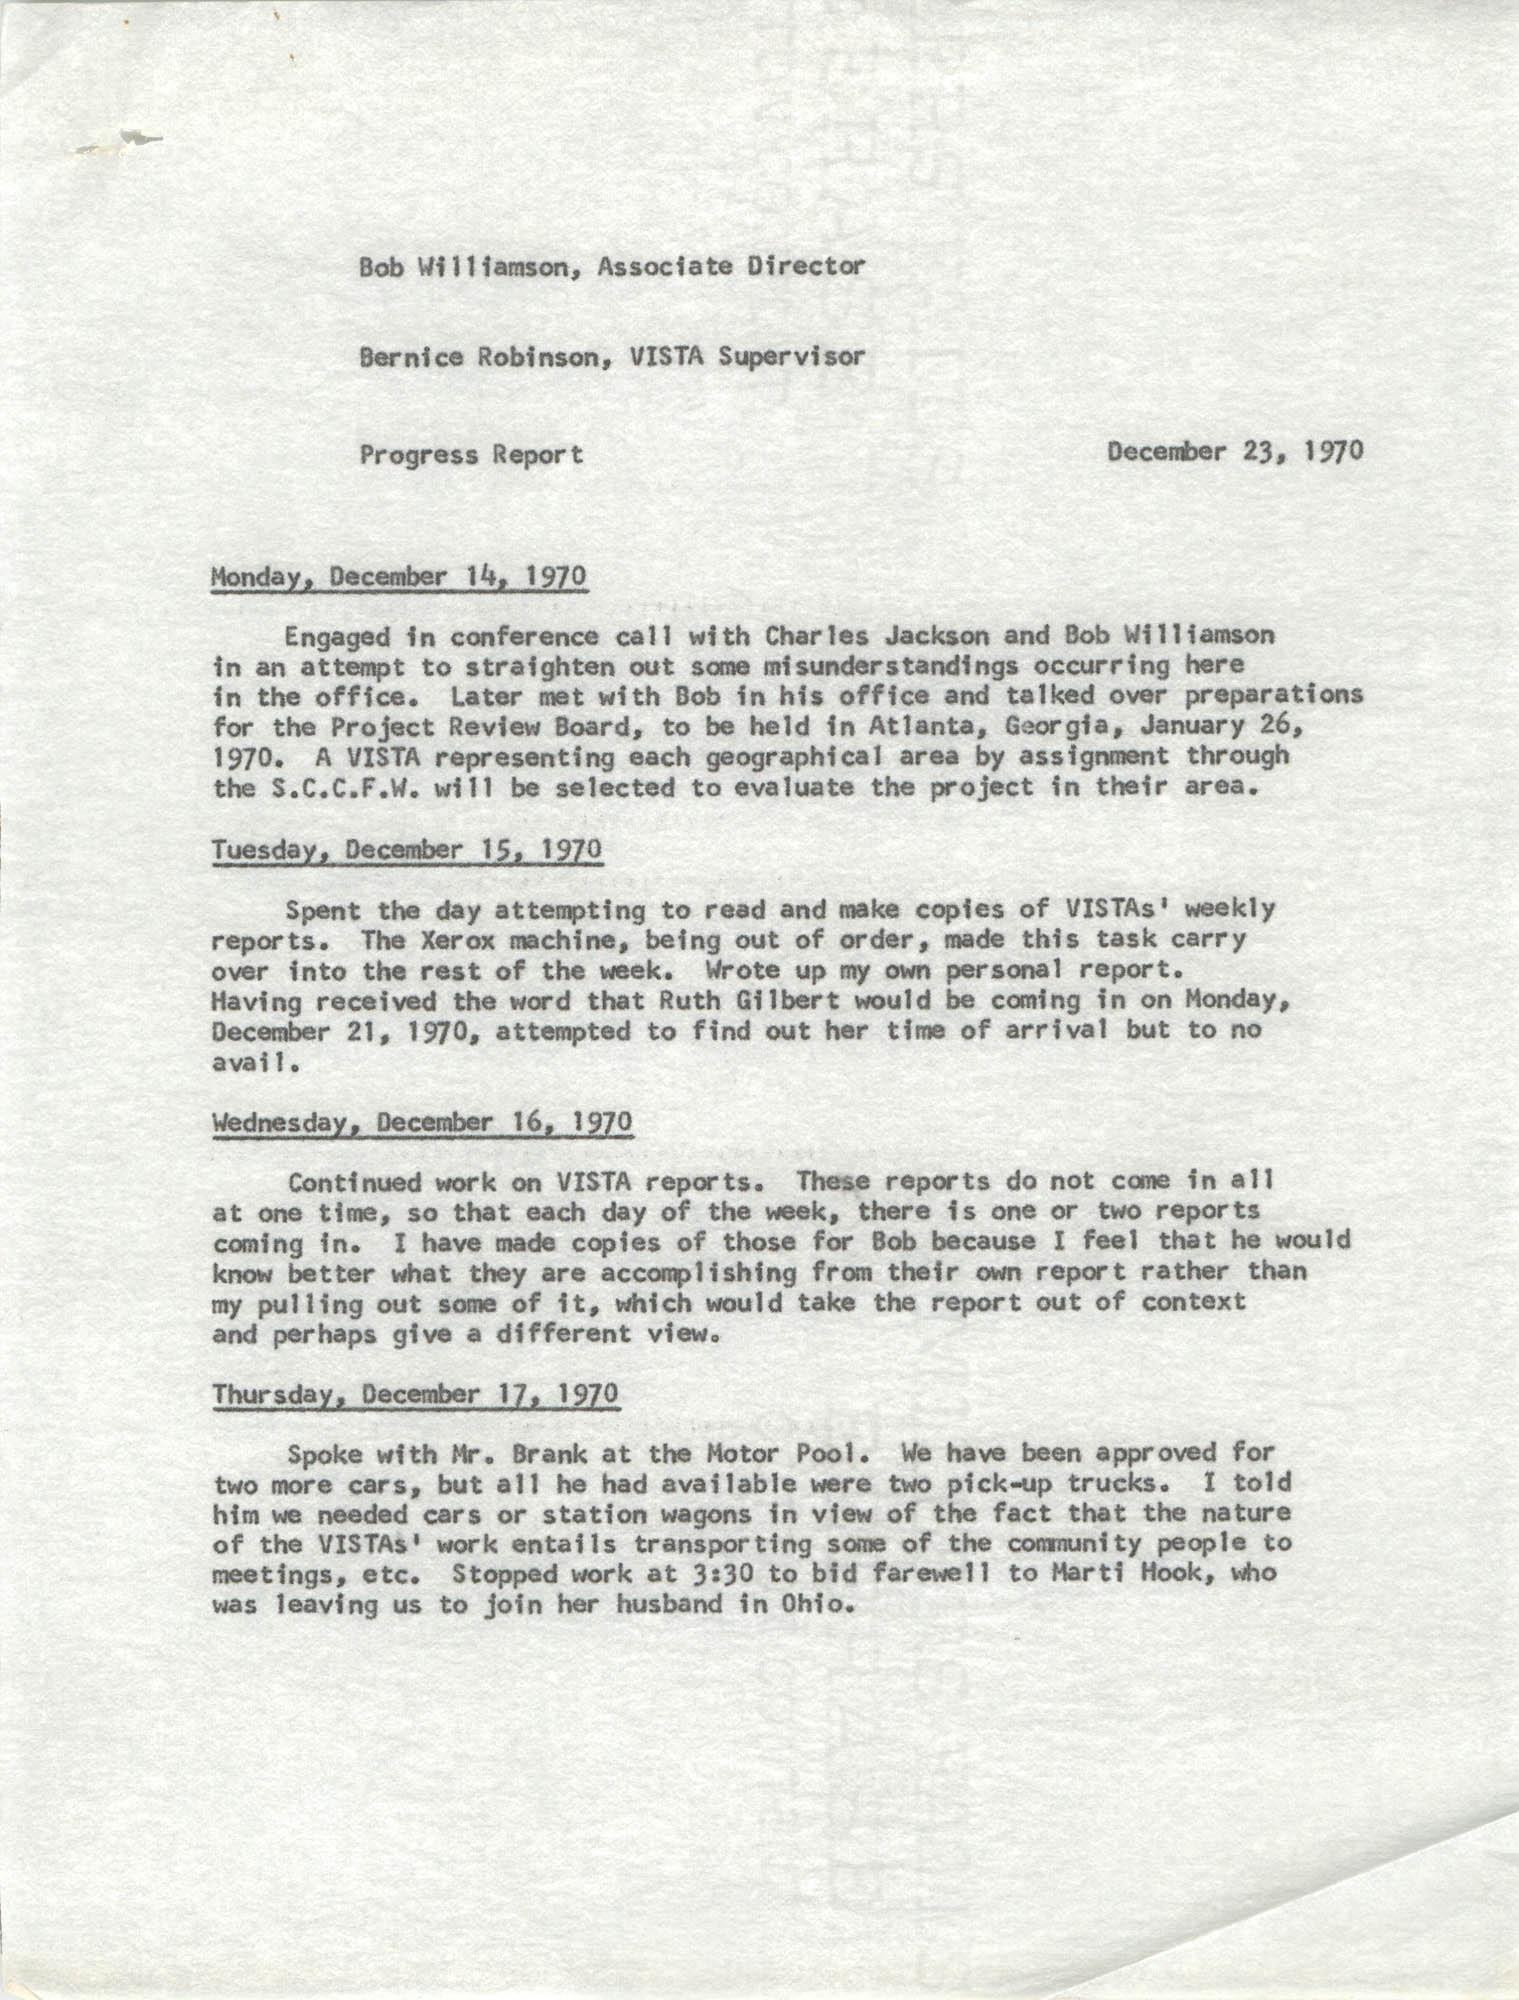 VISTA Progress Report, December 14-23, 1970